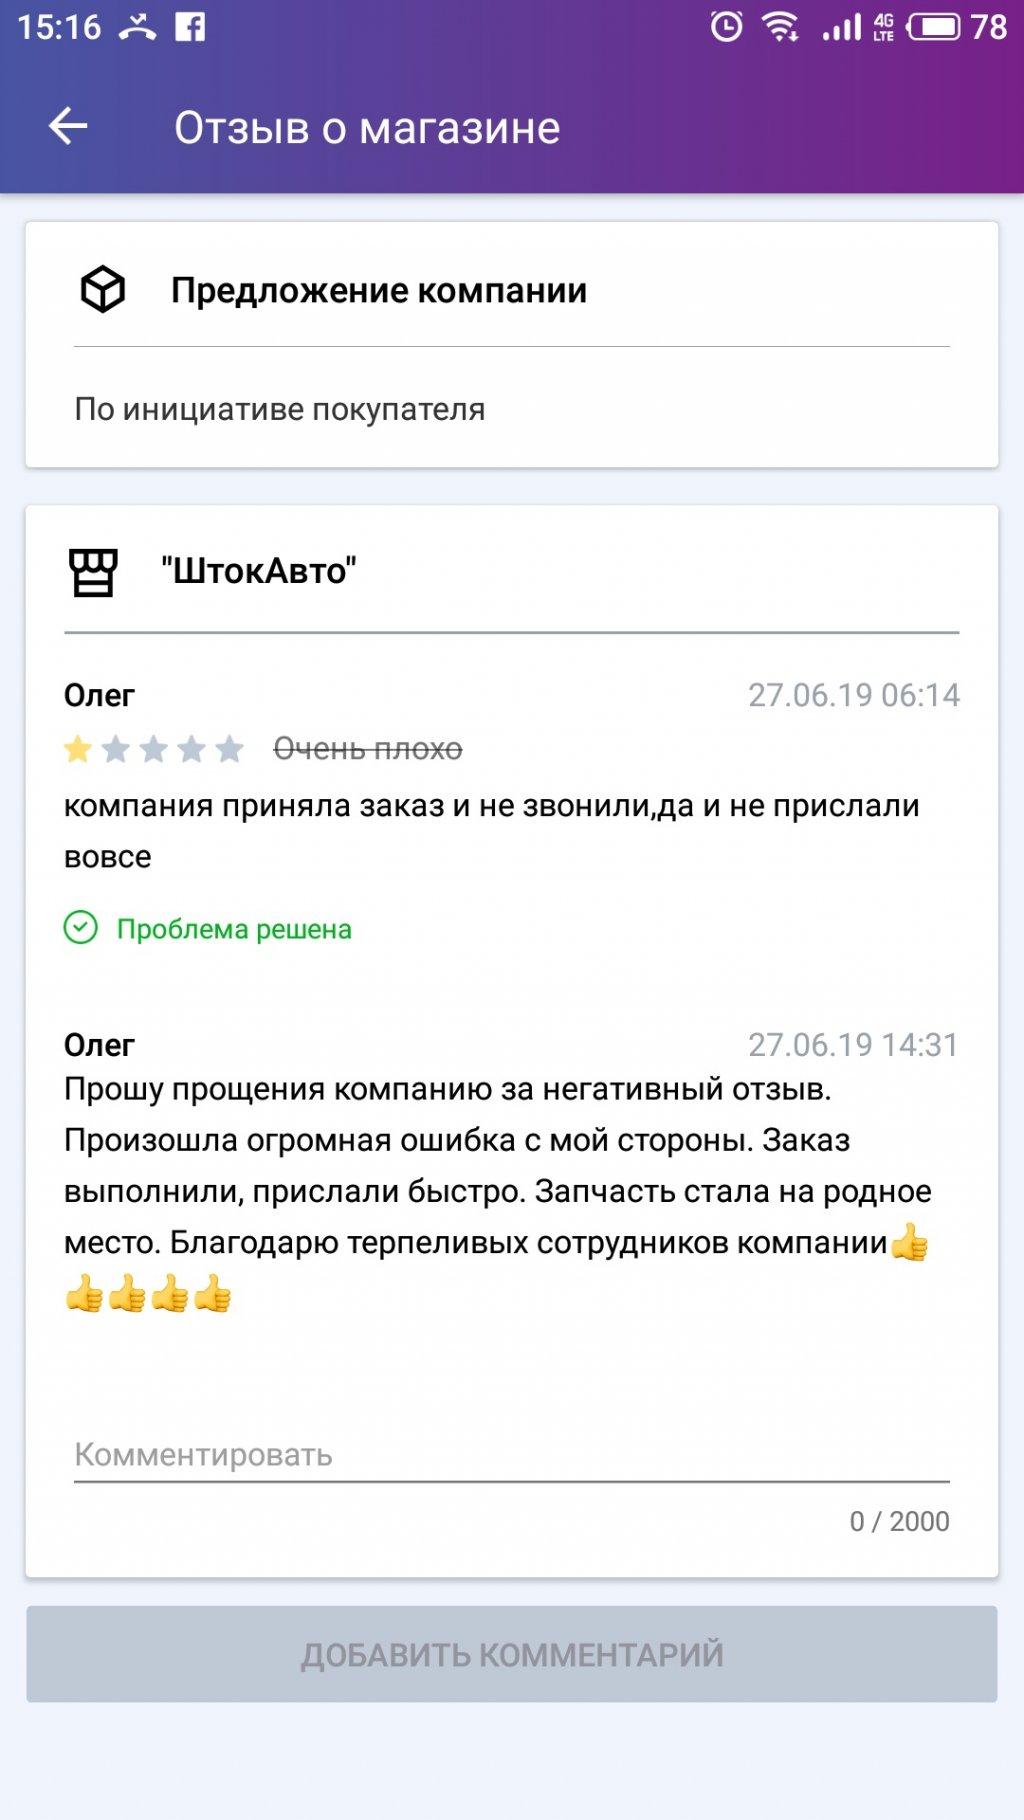 Prom.ua - как удалить свой отзыв, если он был ошибочным